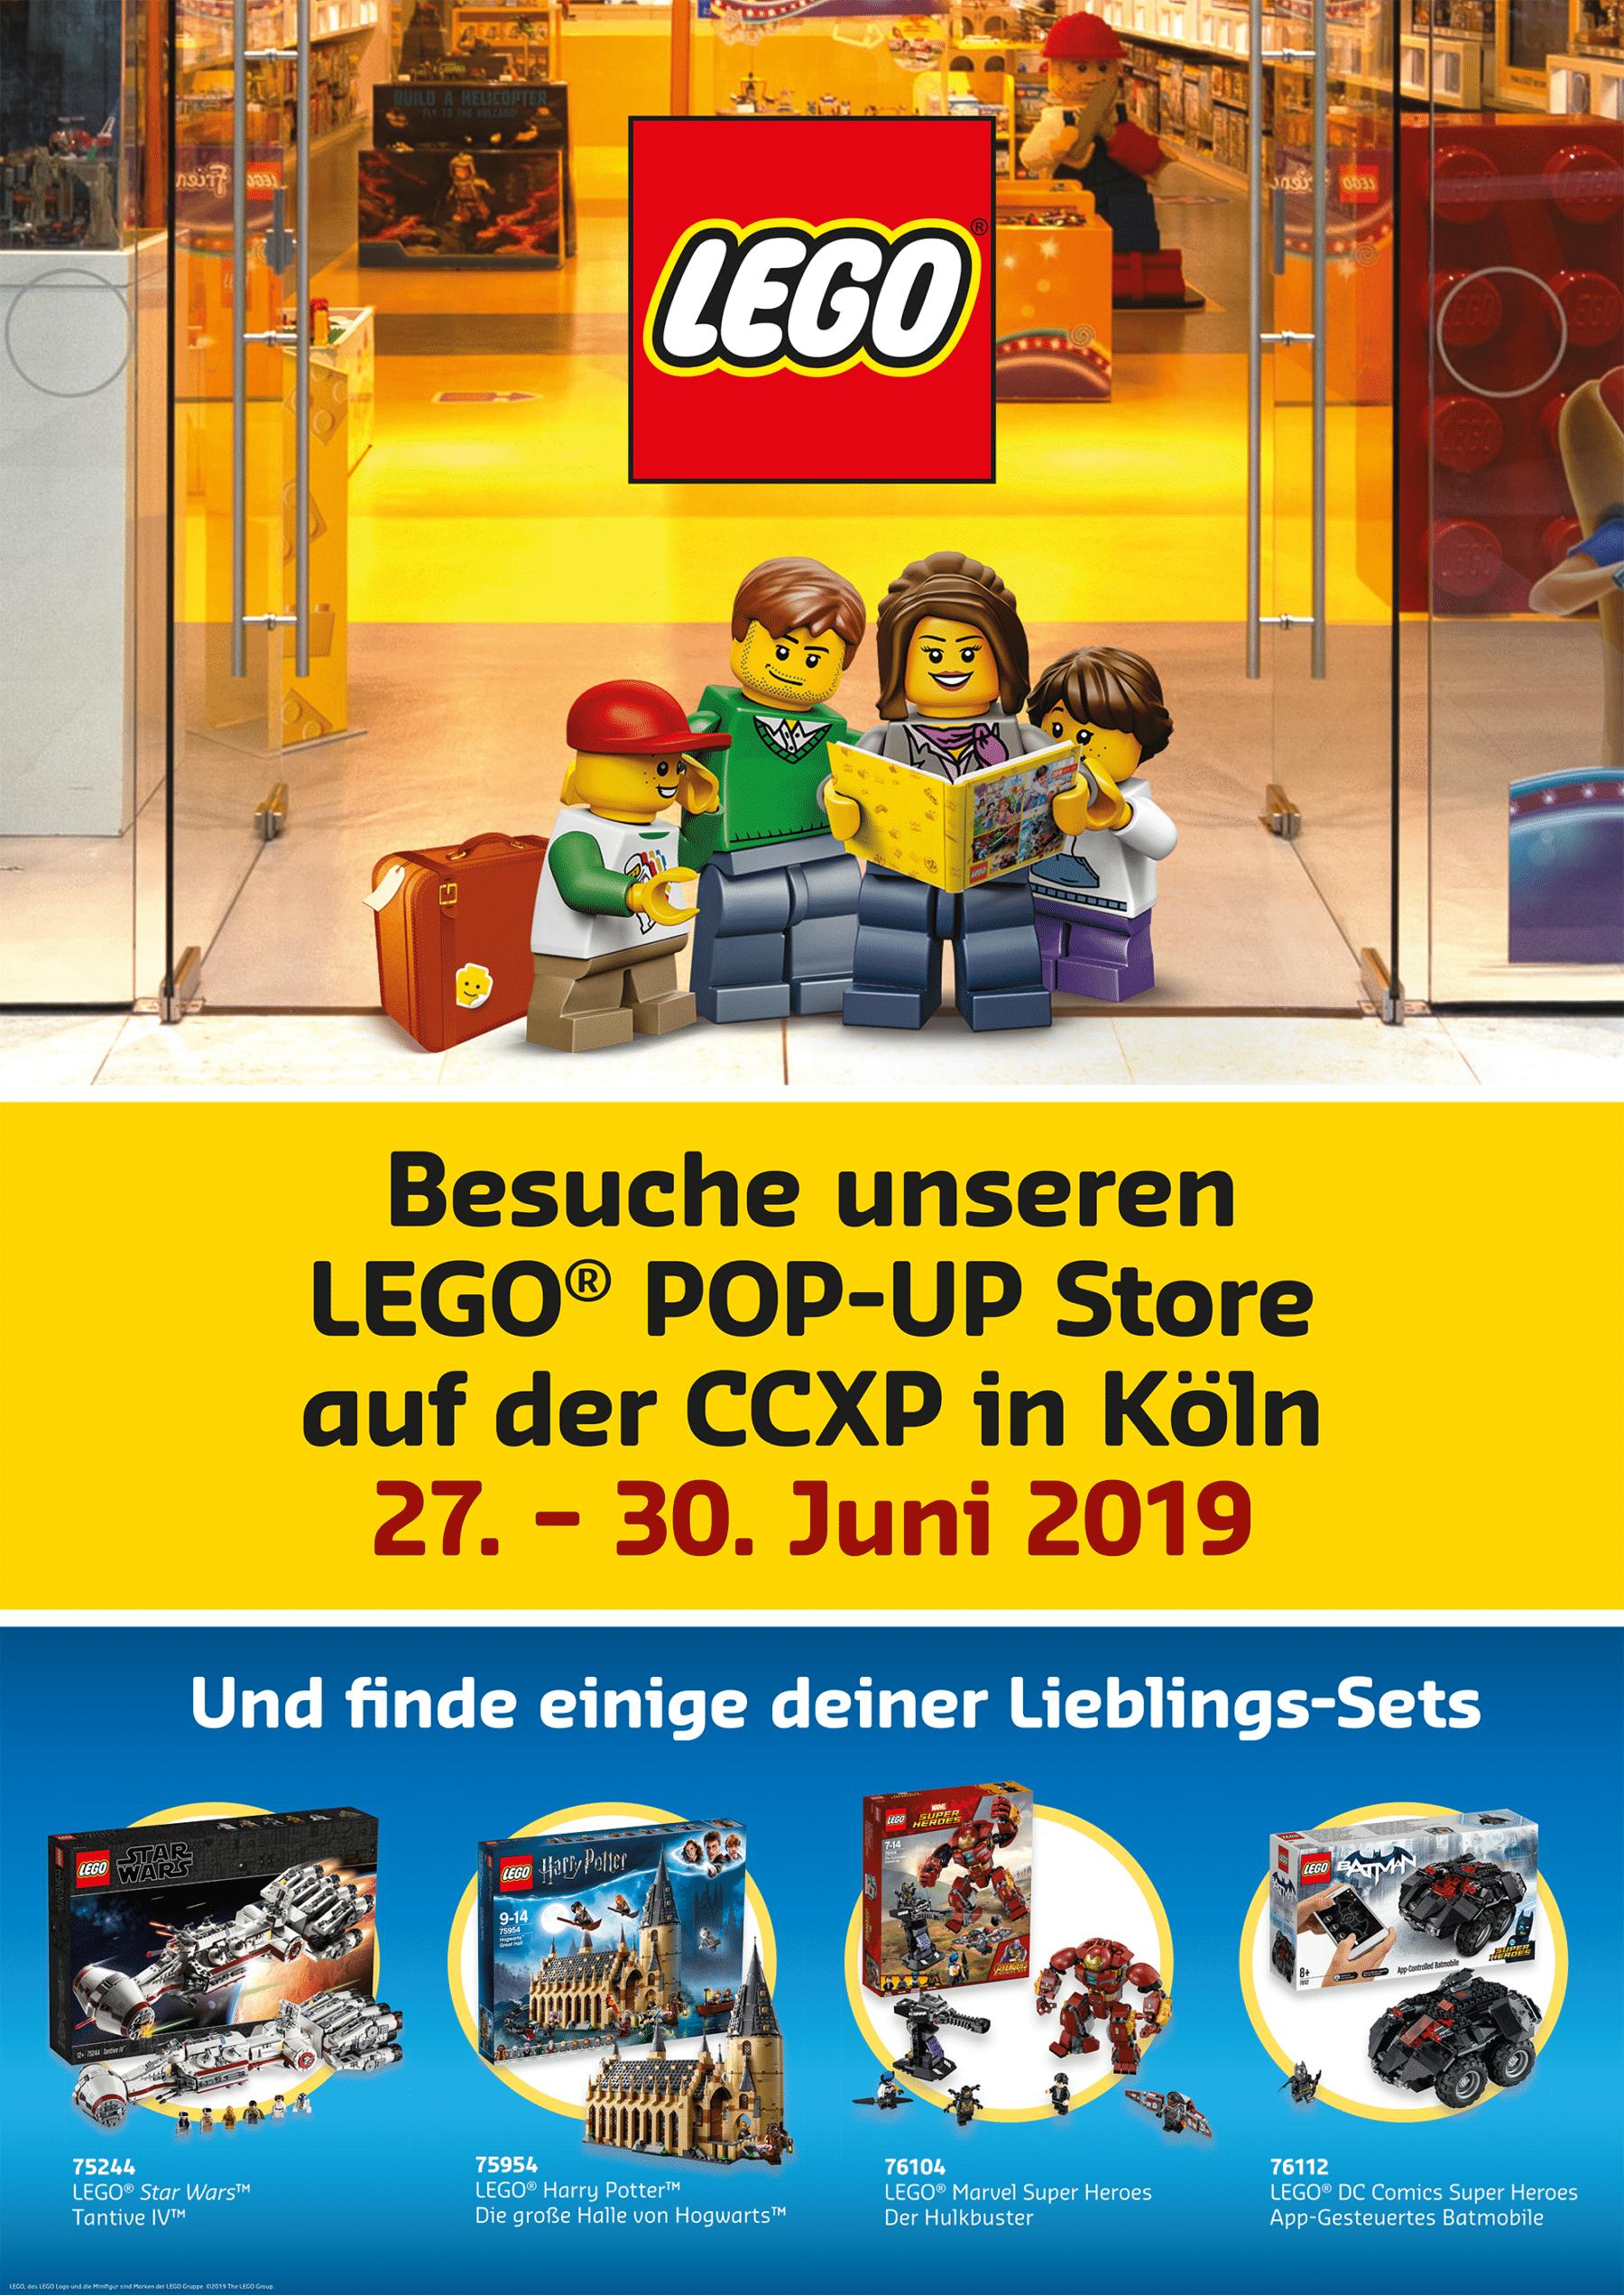 LEGO auf der CCXP in Köln